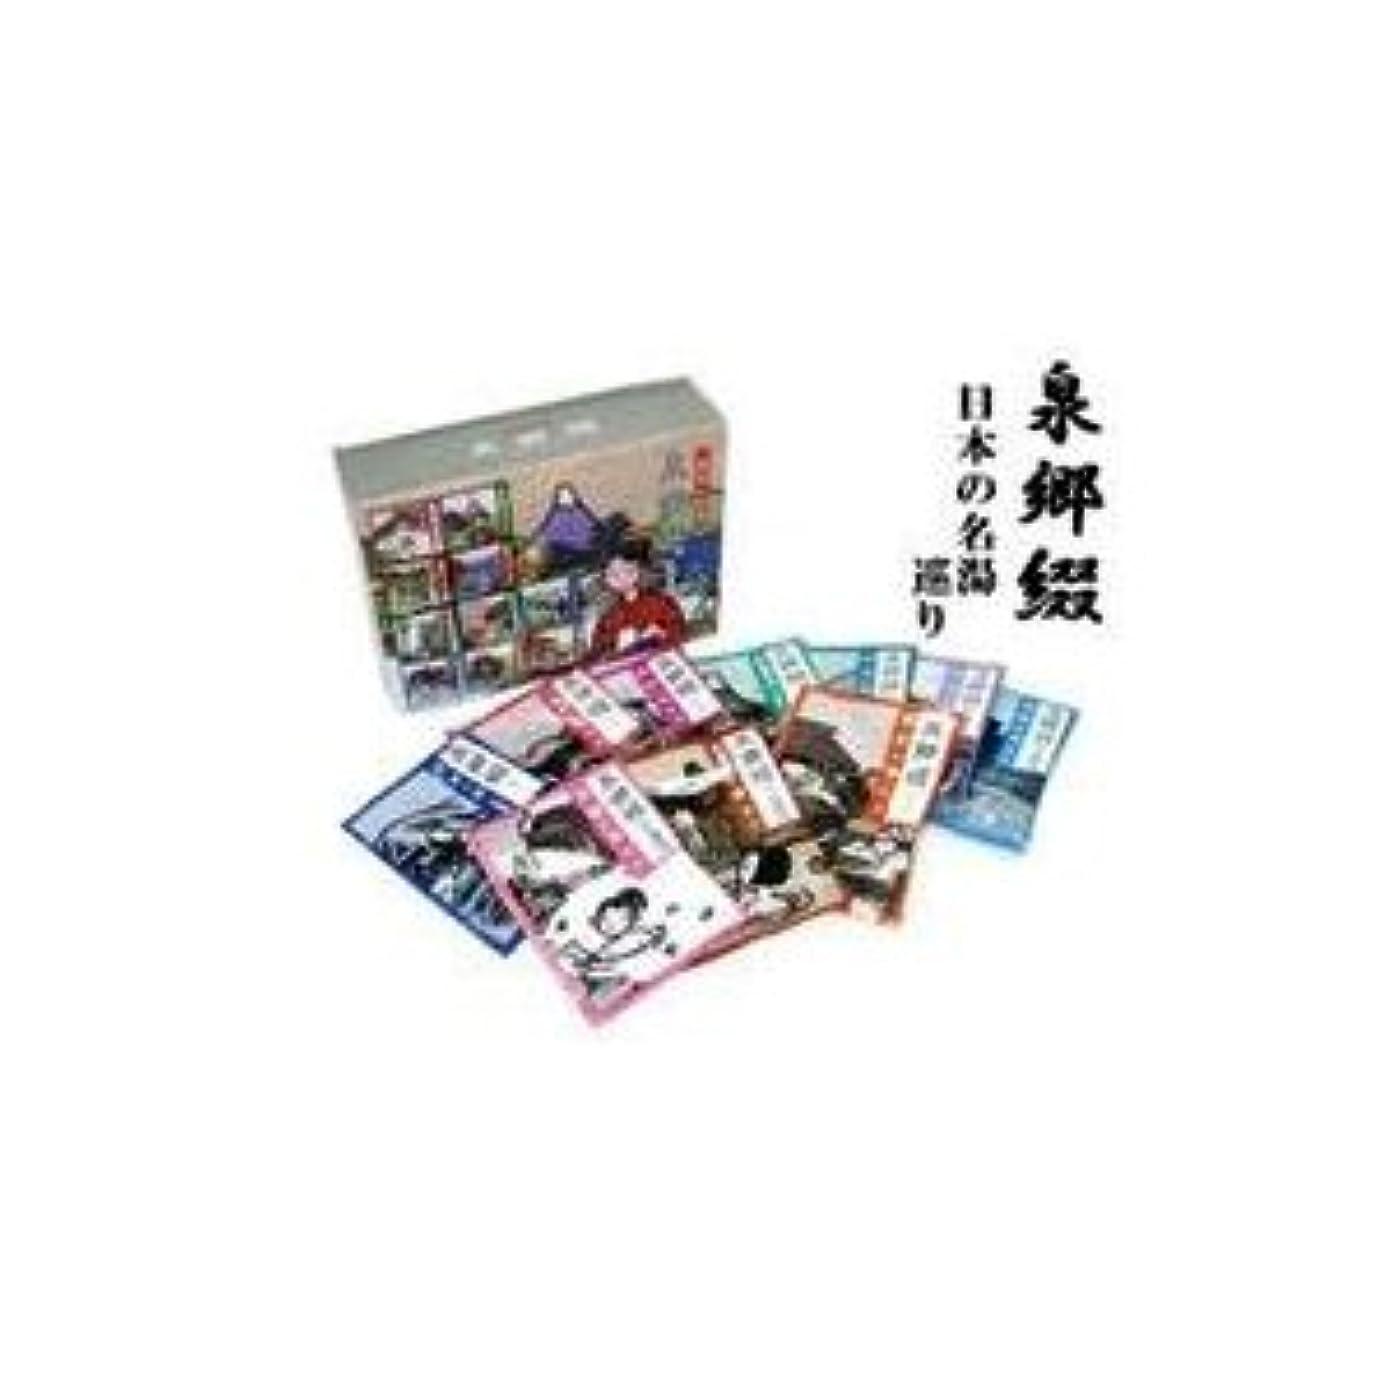 破壊的なプライバシーフィルタ入浴剤 泉郷綴<日本の名湯巡り>(10包入り)日本を代表する温泉10ヶ所の入浴剤(10セット)